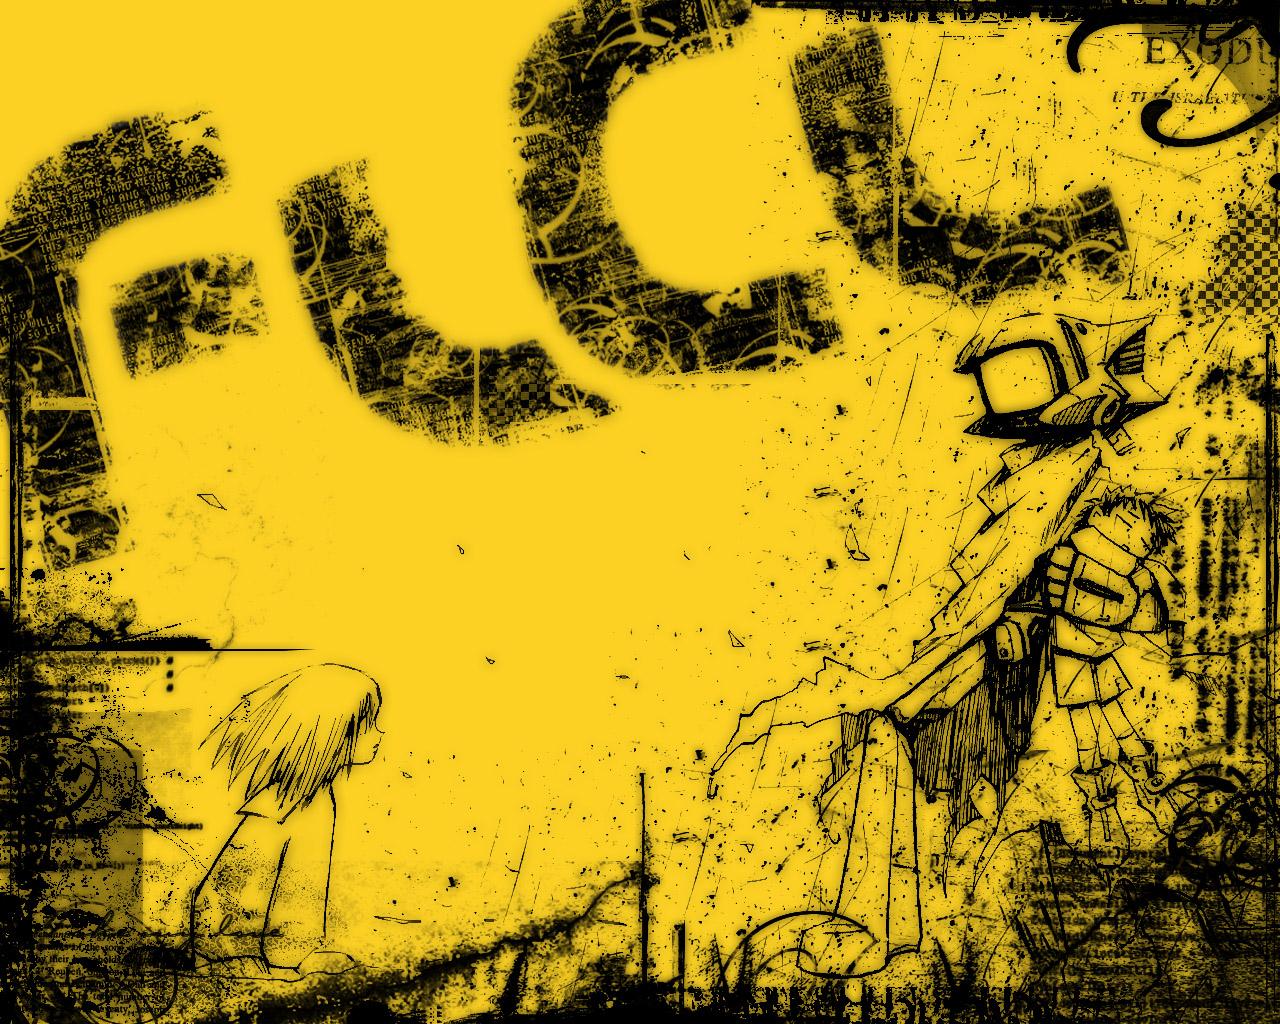 黄色フリクリ